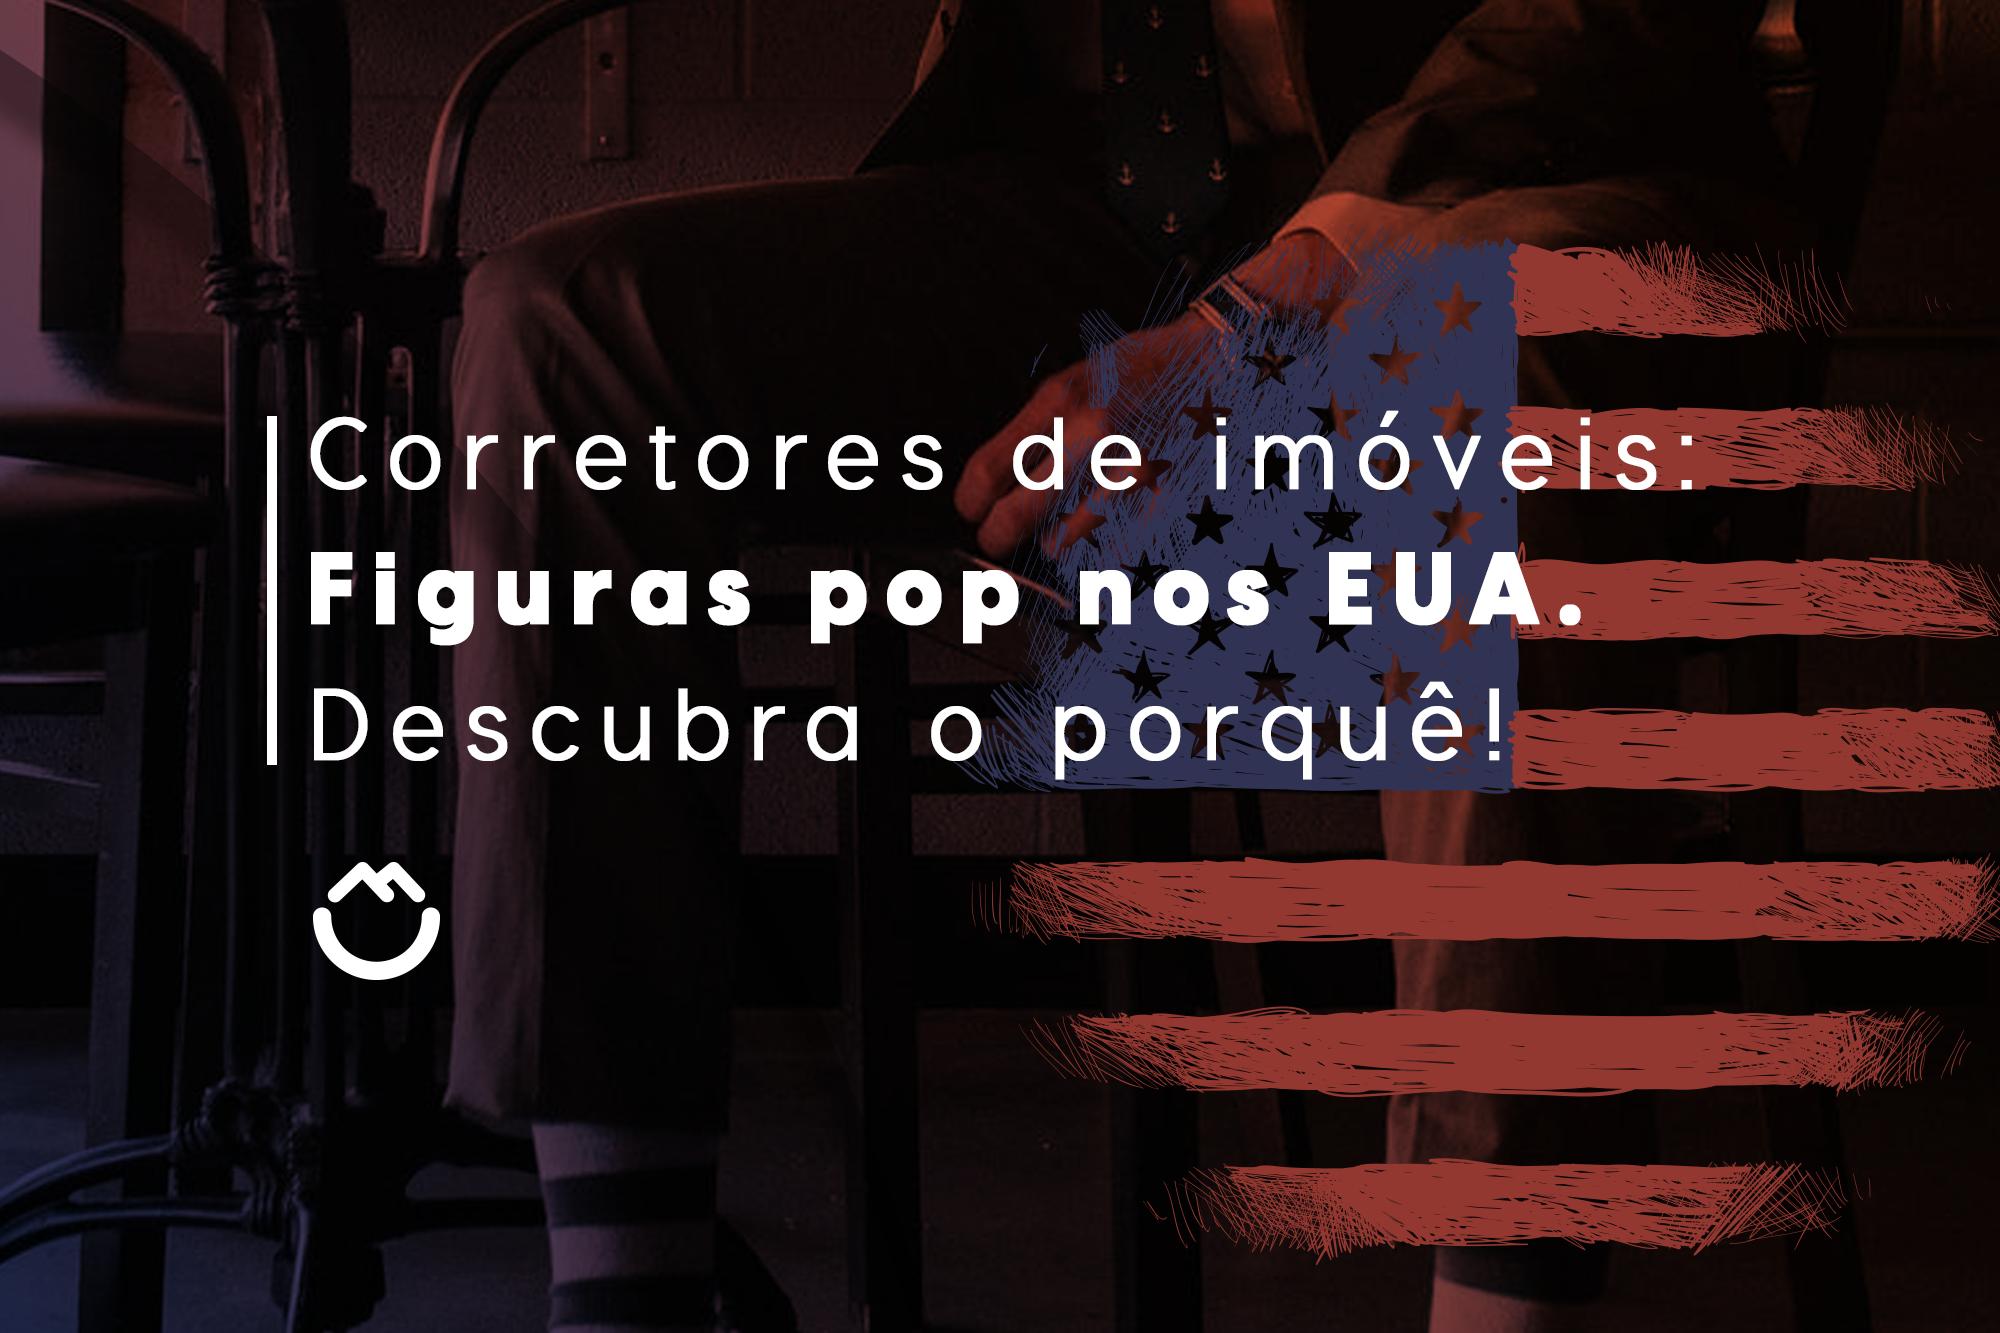 Corretores de imóvel: figuras pop nos Estados Unidos. Descubra o porquê!